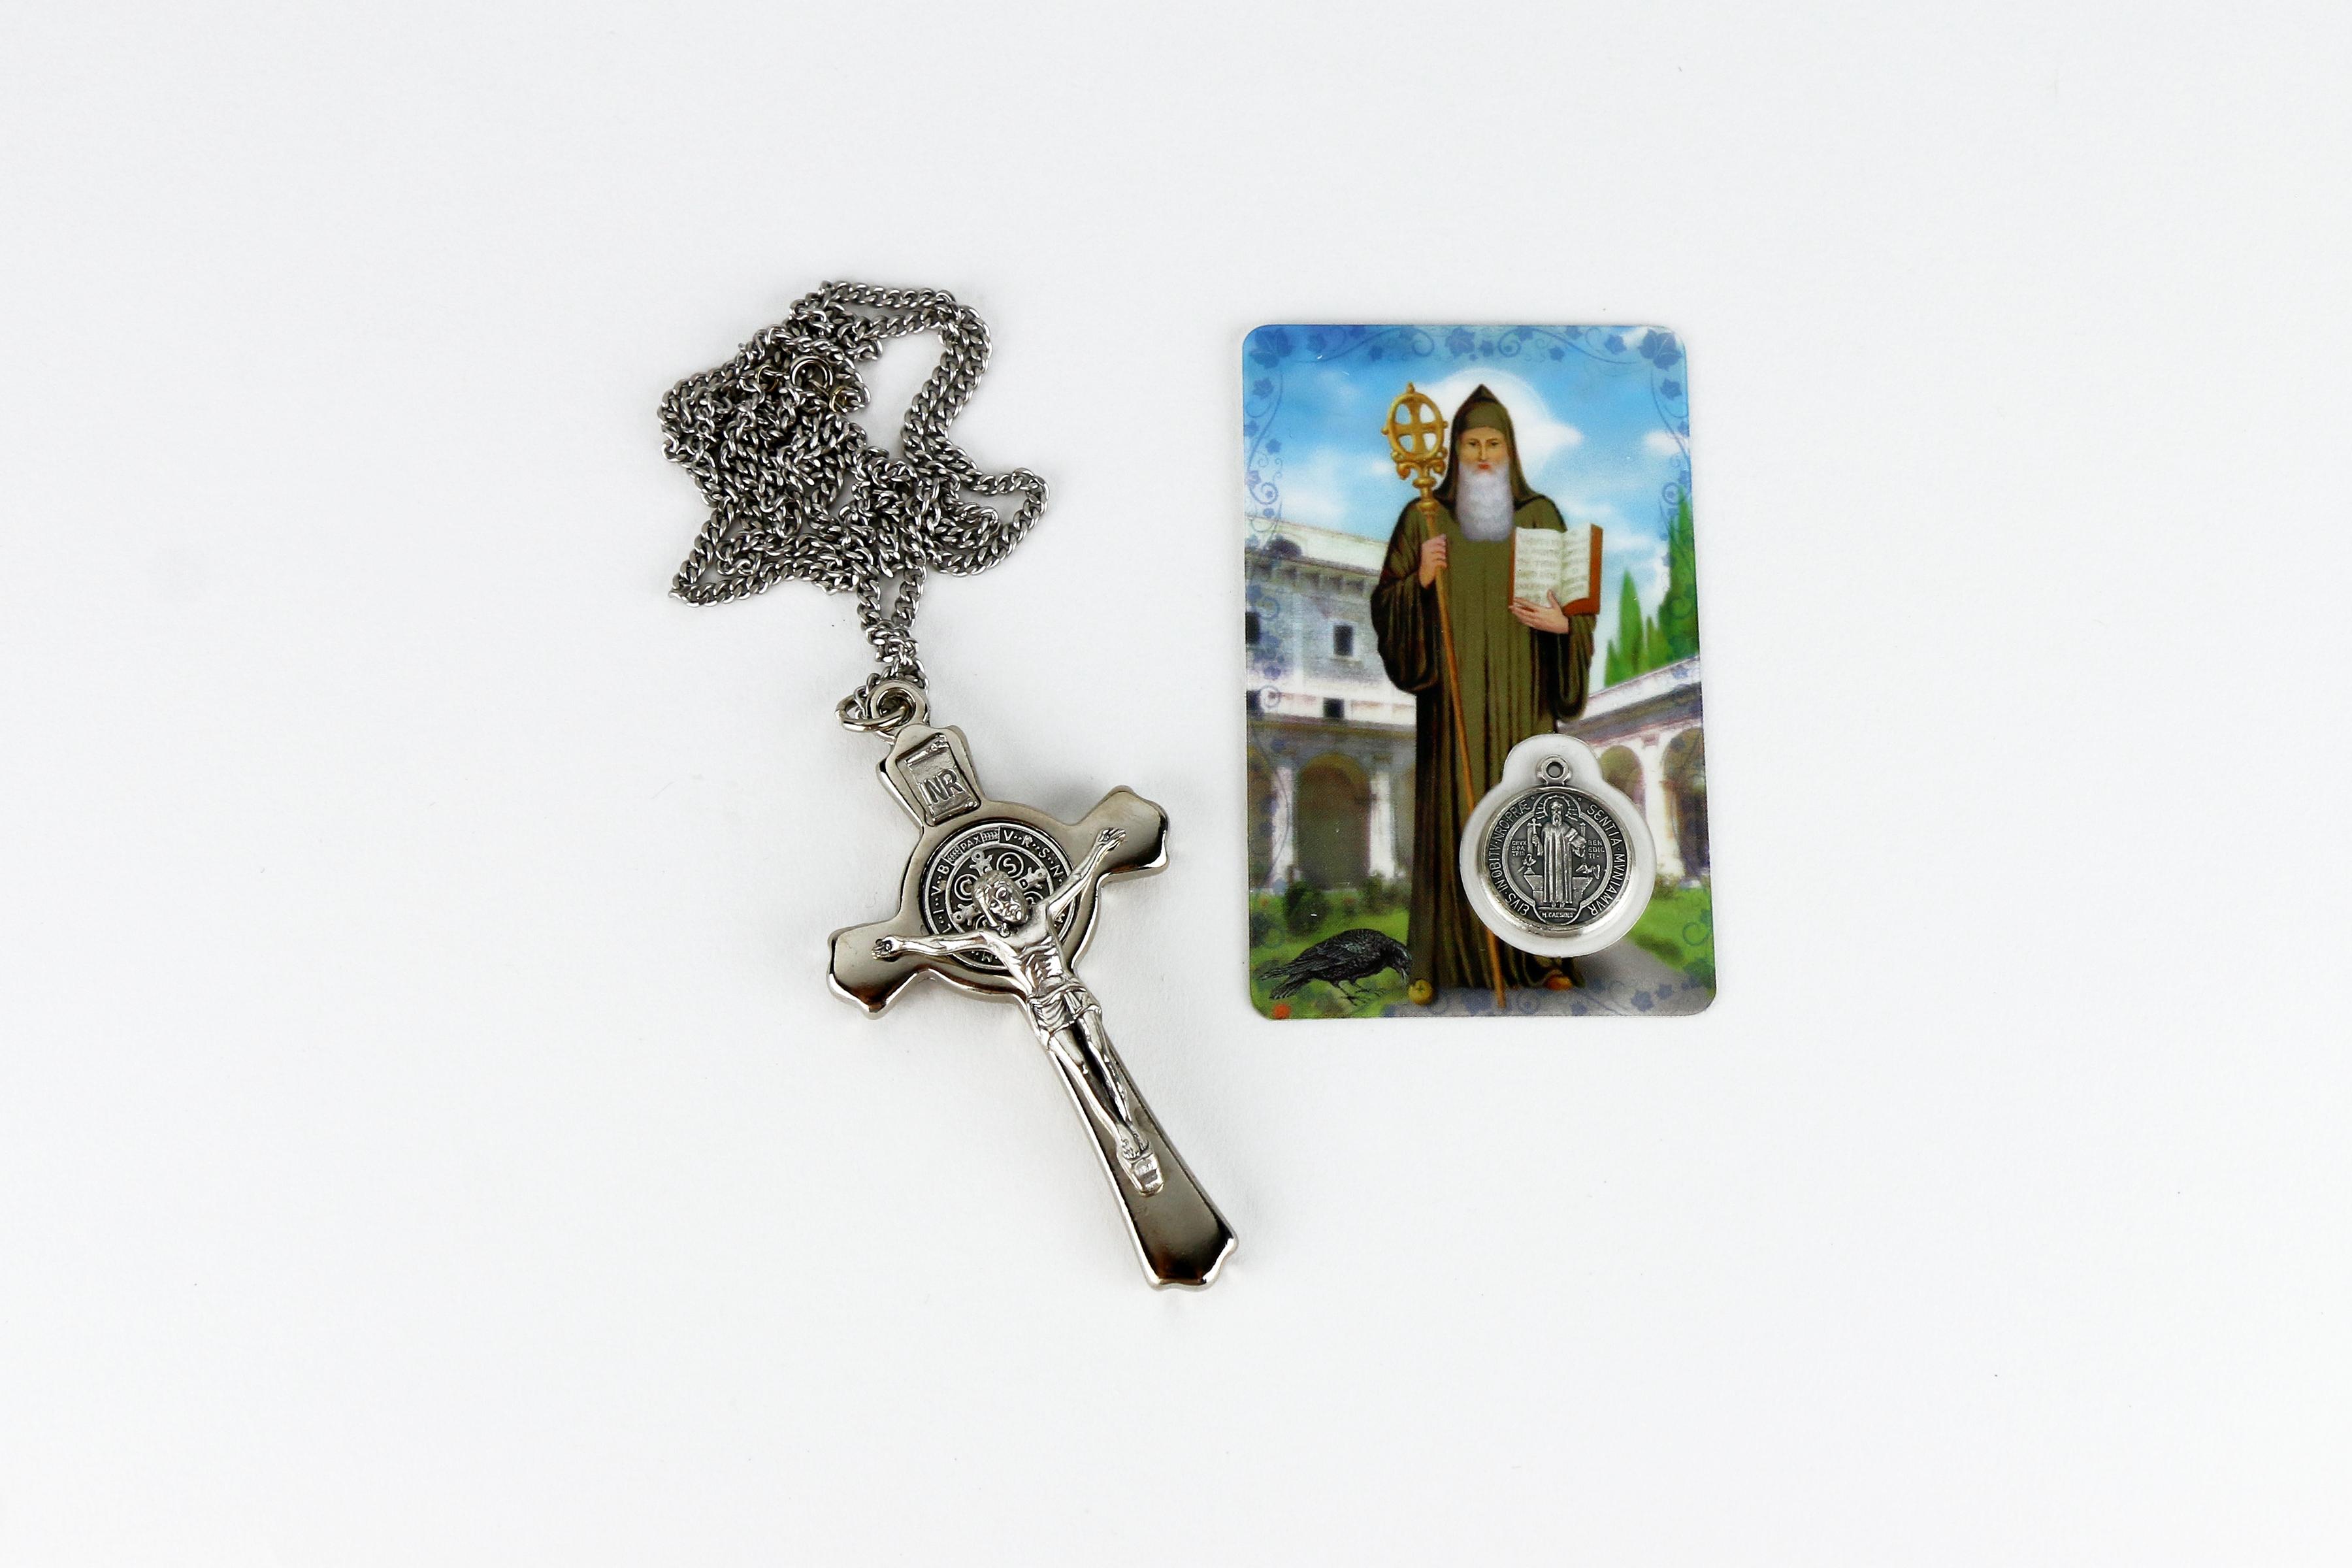 oratoire-st-joseph-ensemble-croix-chaine-carte-medaille-st-benoit